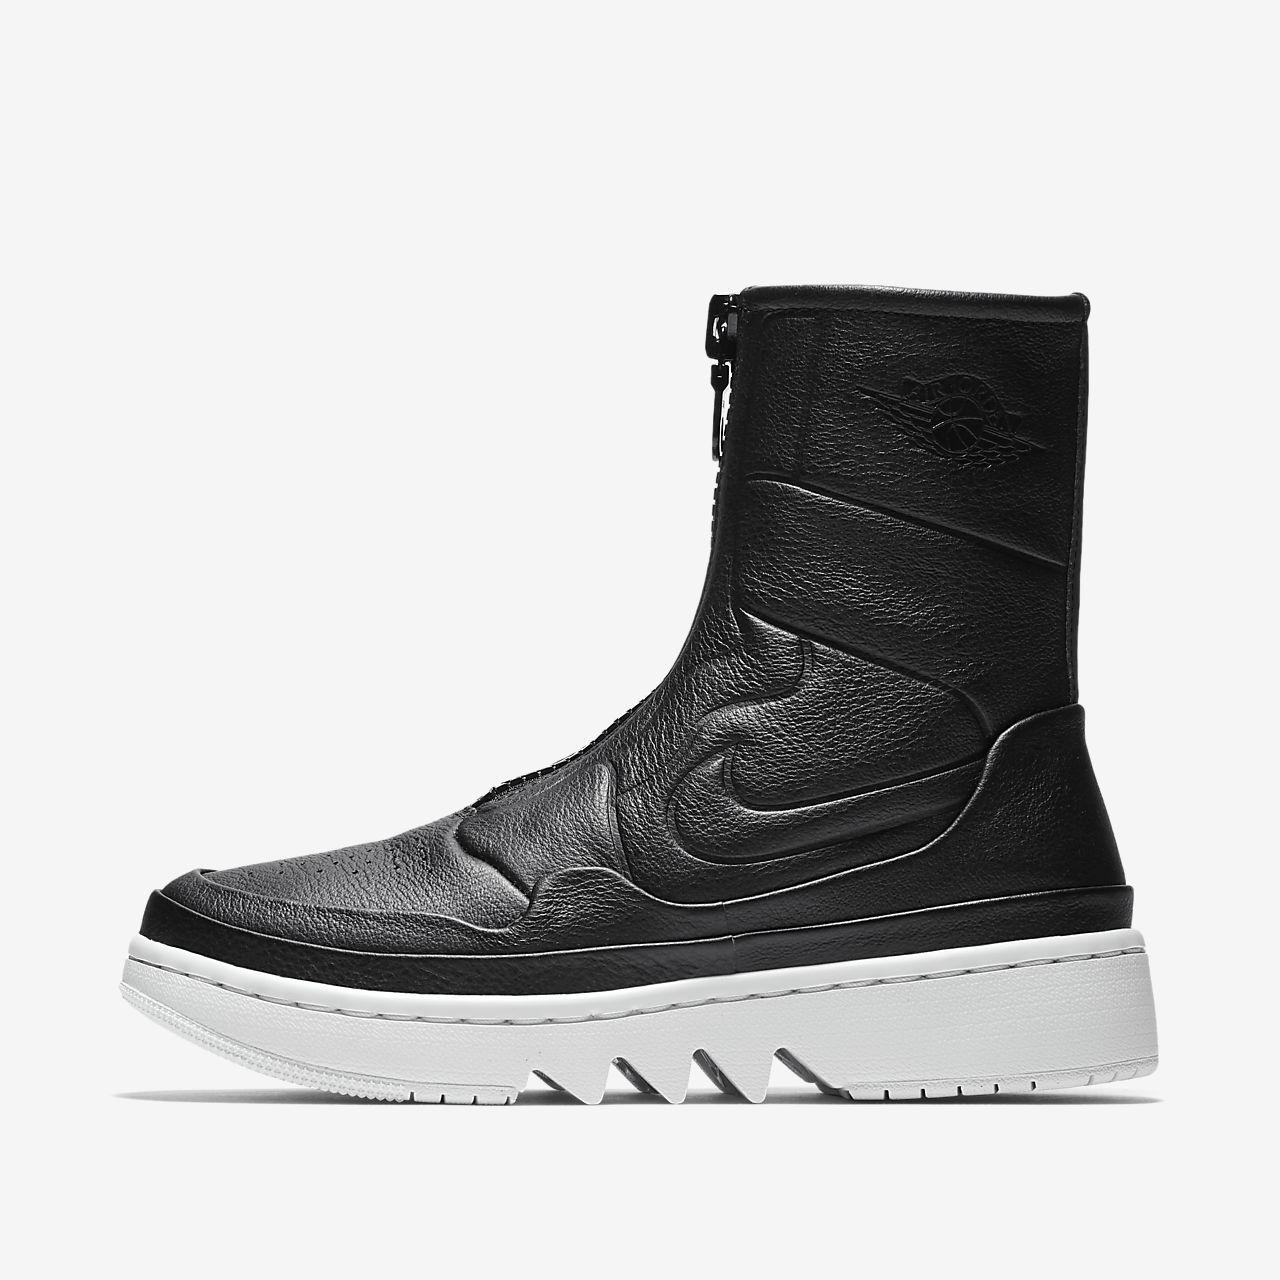 fdca7085677 Air Jordan 1 Jester XX Damesschoen. Nike.com NL